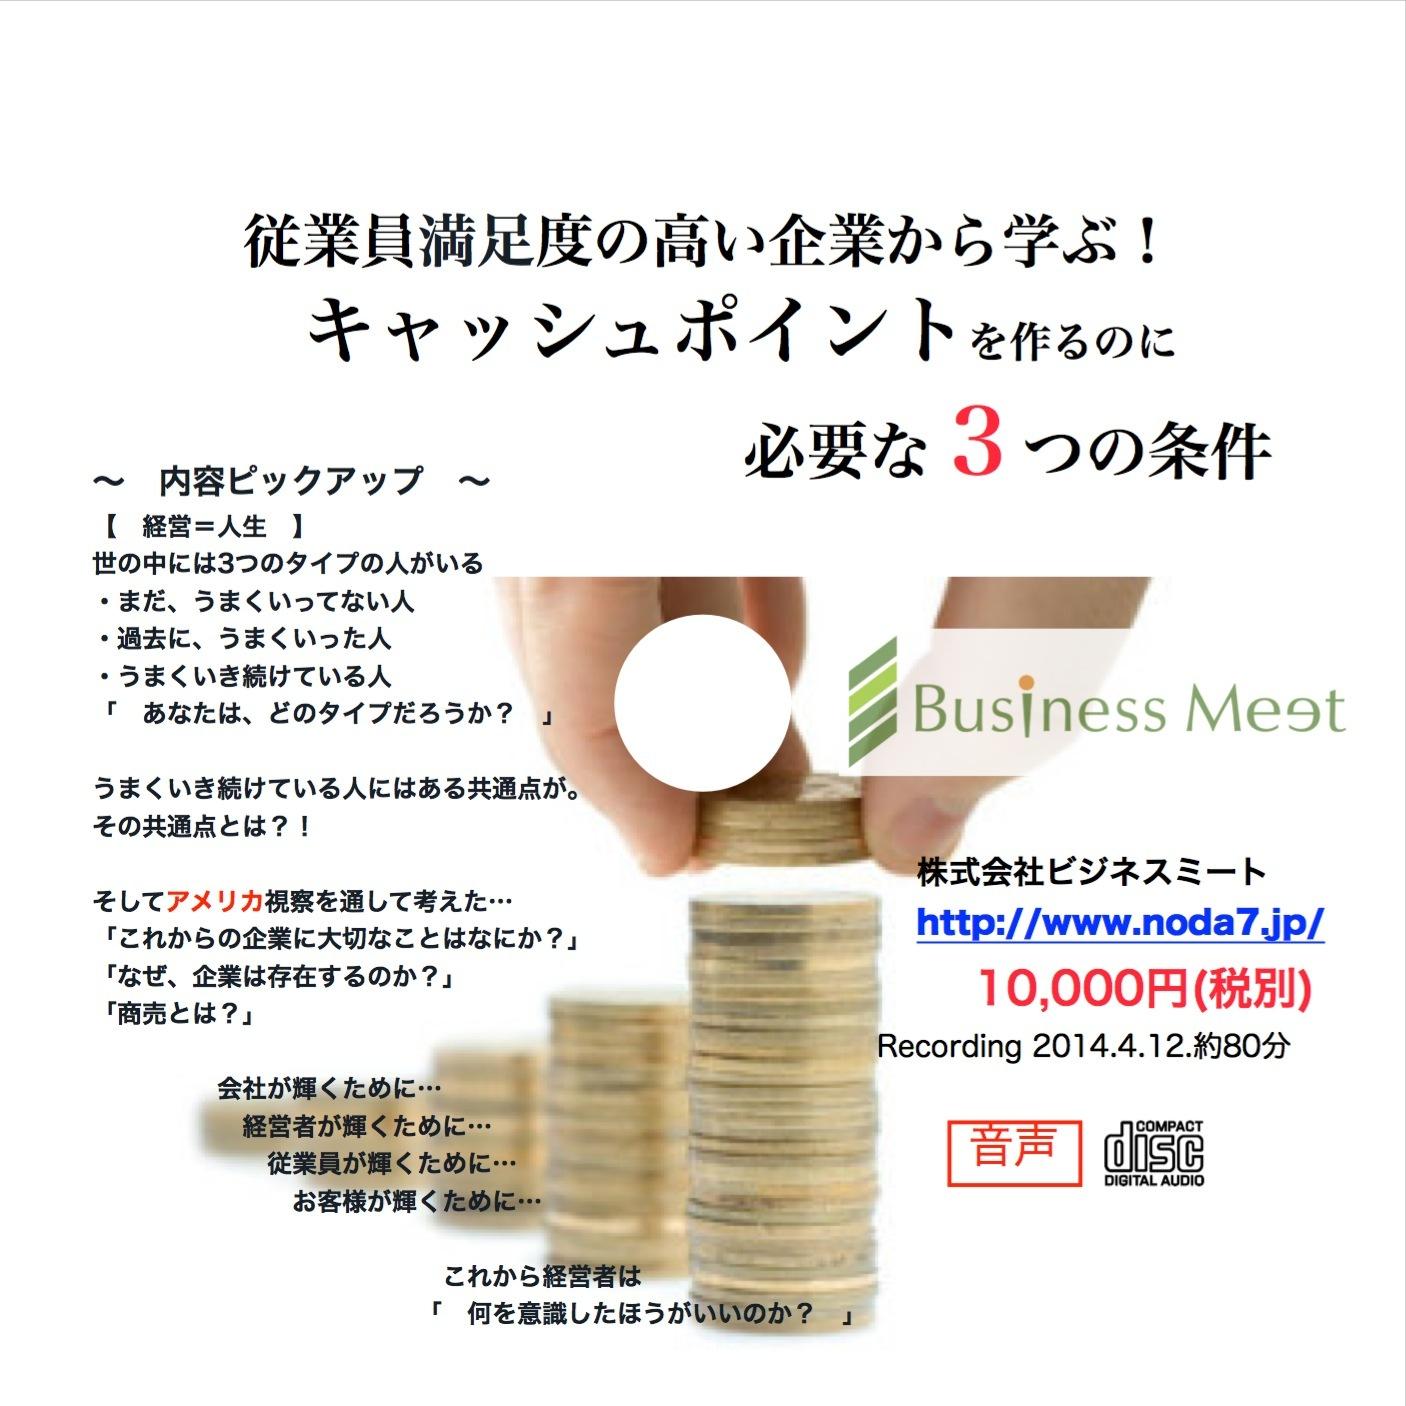 [CD]従業員満足度の高い企業から学ぶ! キャッシュポイントを作る必要な3つの条件